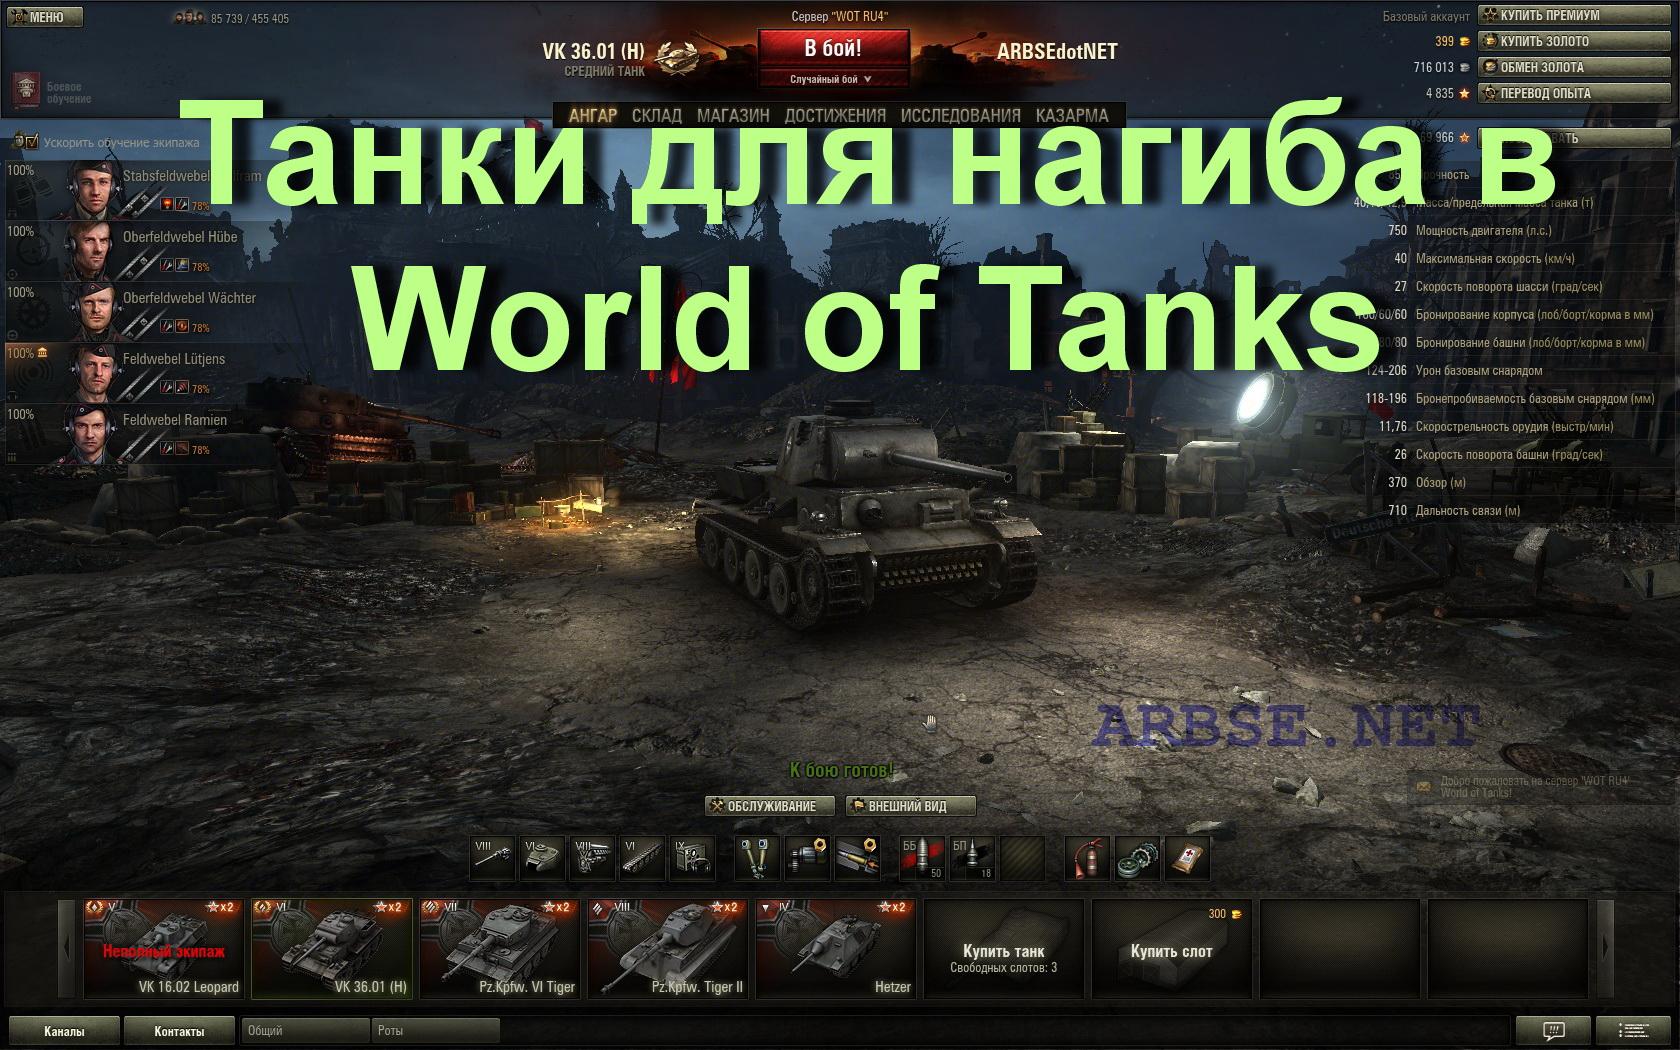 танк фото ворд оф танк